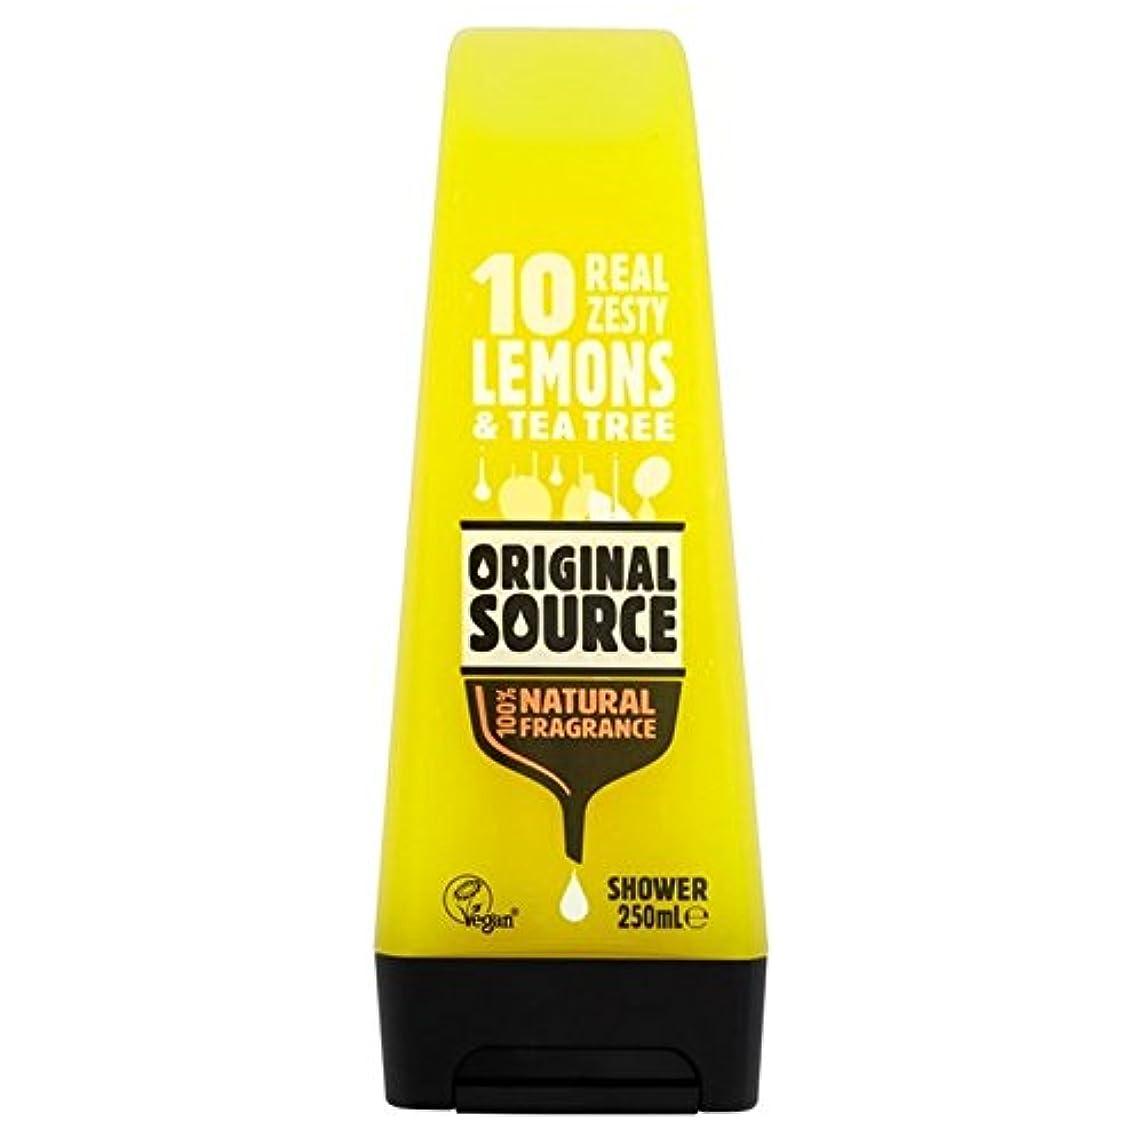 部分的に悪名高い限界元のソースのレモンシャワージェル250ミリリットル x4 - Original Source Lemon Shower Gel 250ml (Pack of 4) [並行輸入品]